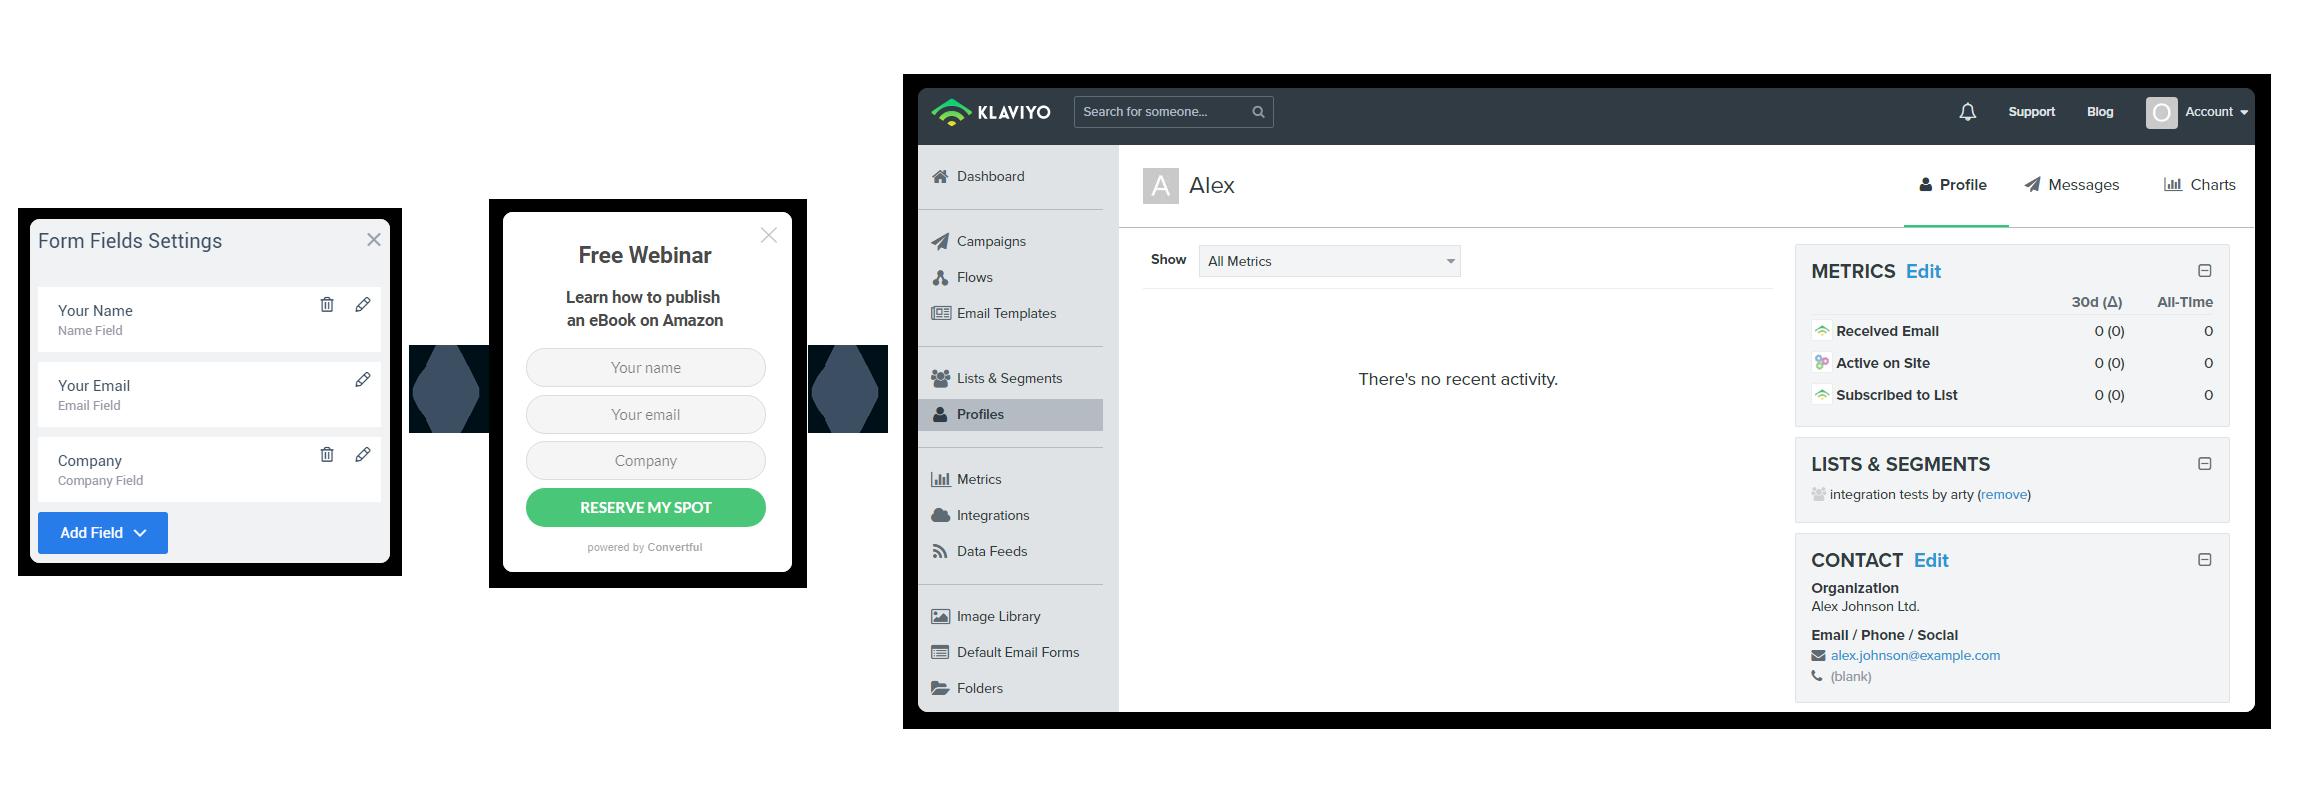 Klaviyo custom fields support